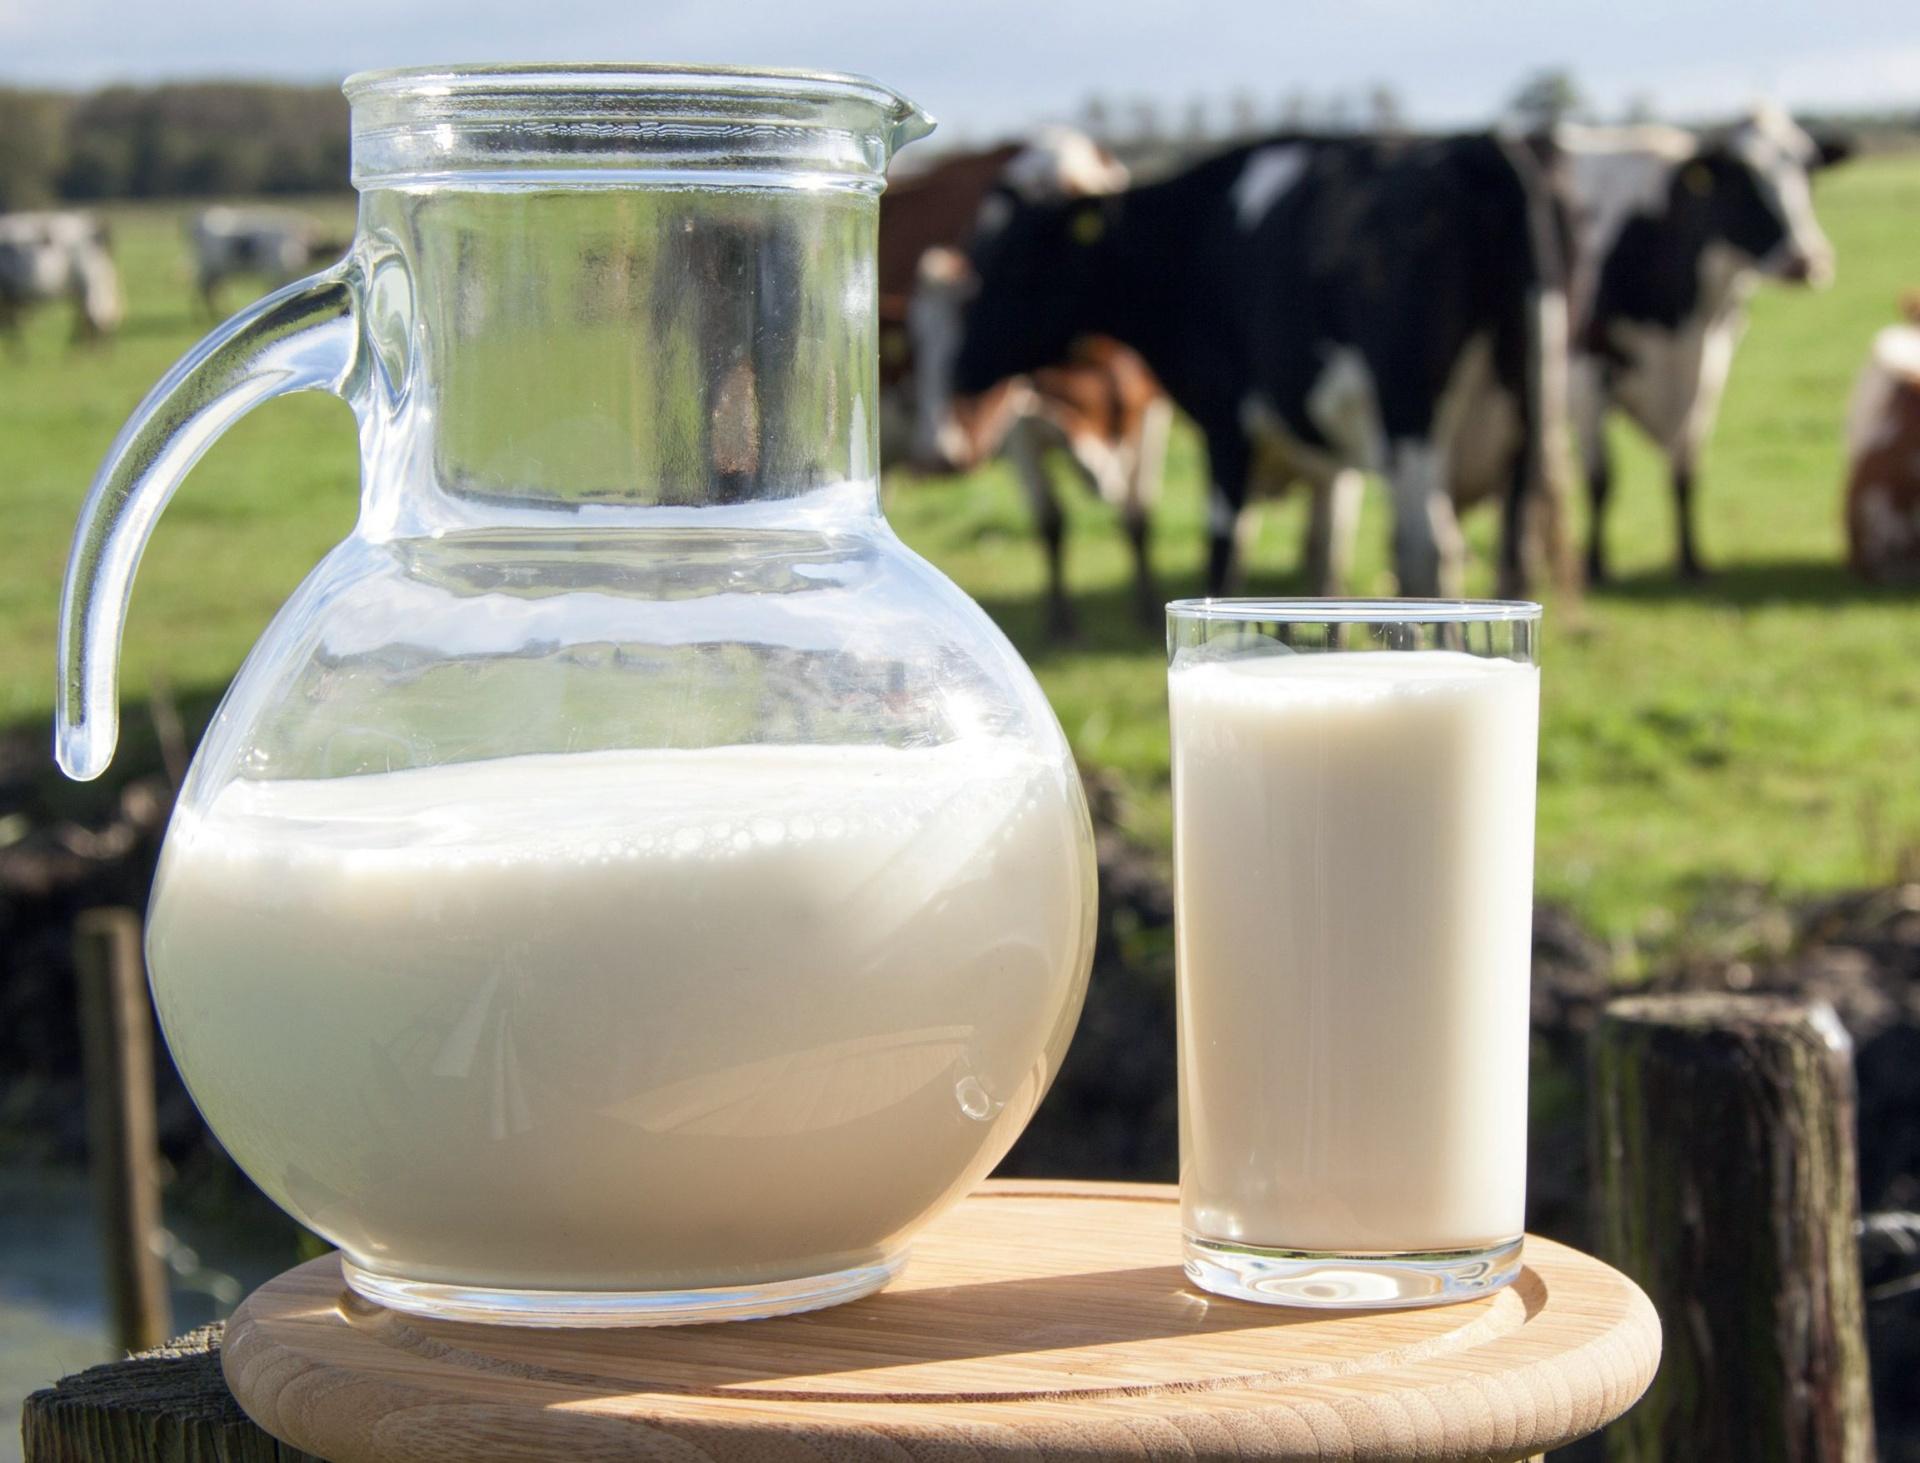 моб все о молоке и молочных продуктах фото картинки клиентов